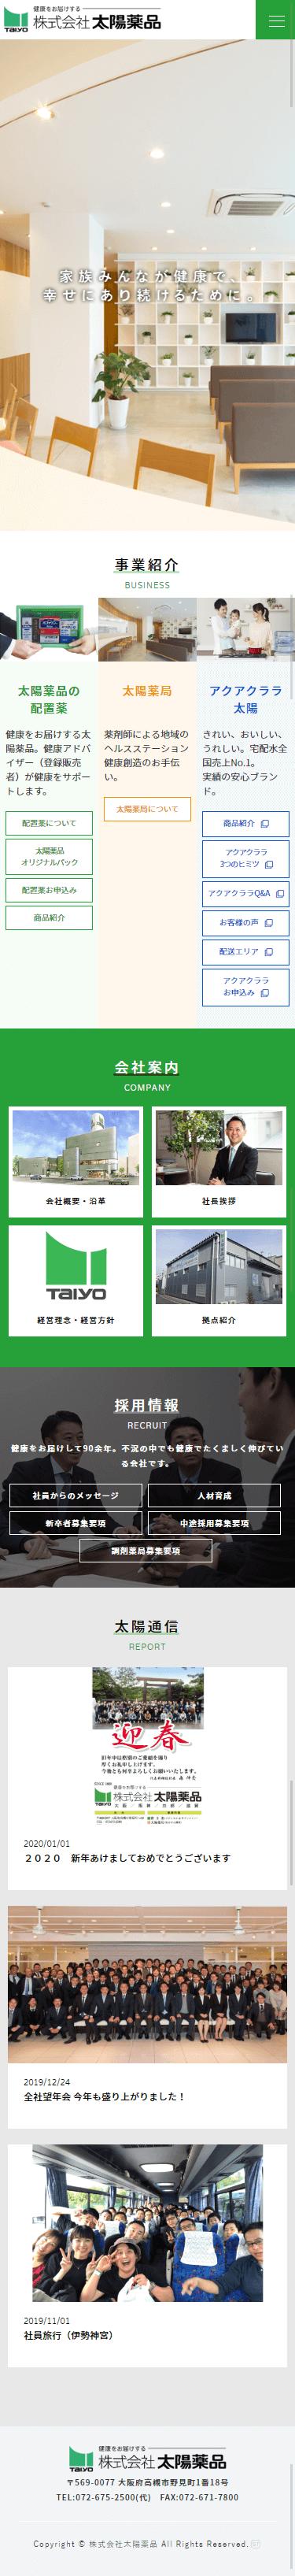 大阪府 株式会社太陽薬品 ホームページ制作3